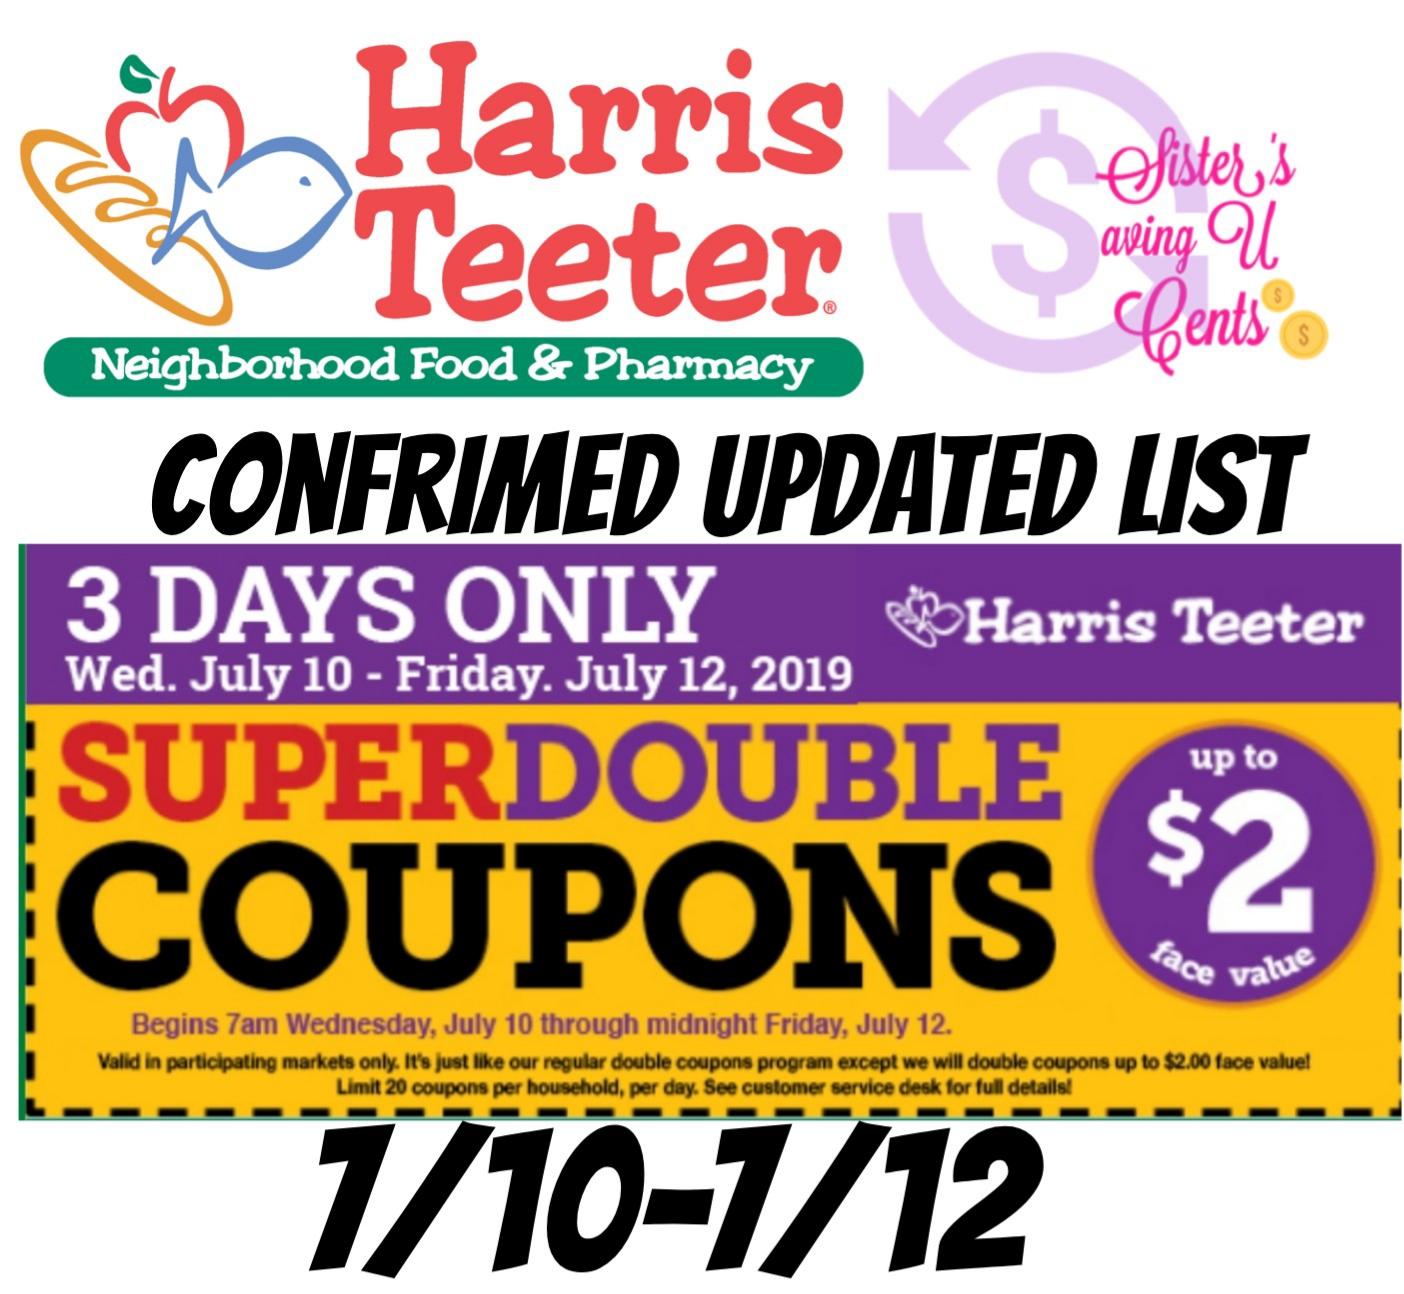 Harris Teeter Super Doubles Confirmed 7 10 7 12 Updated List